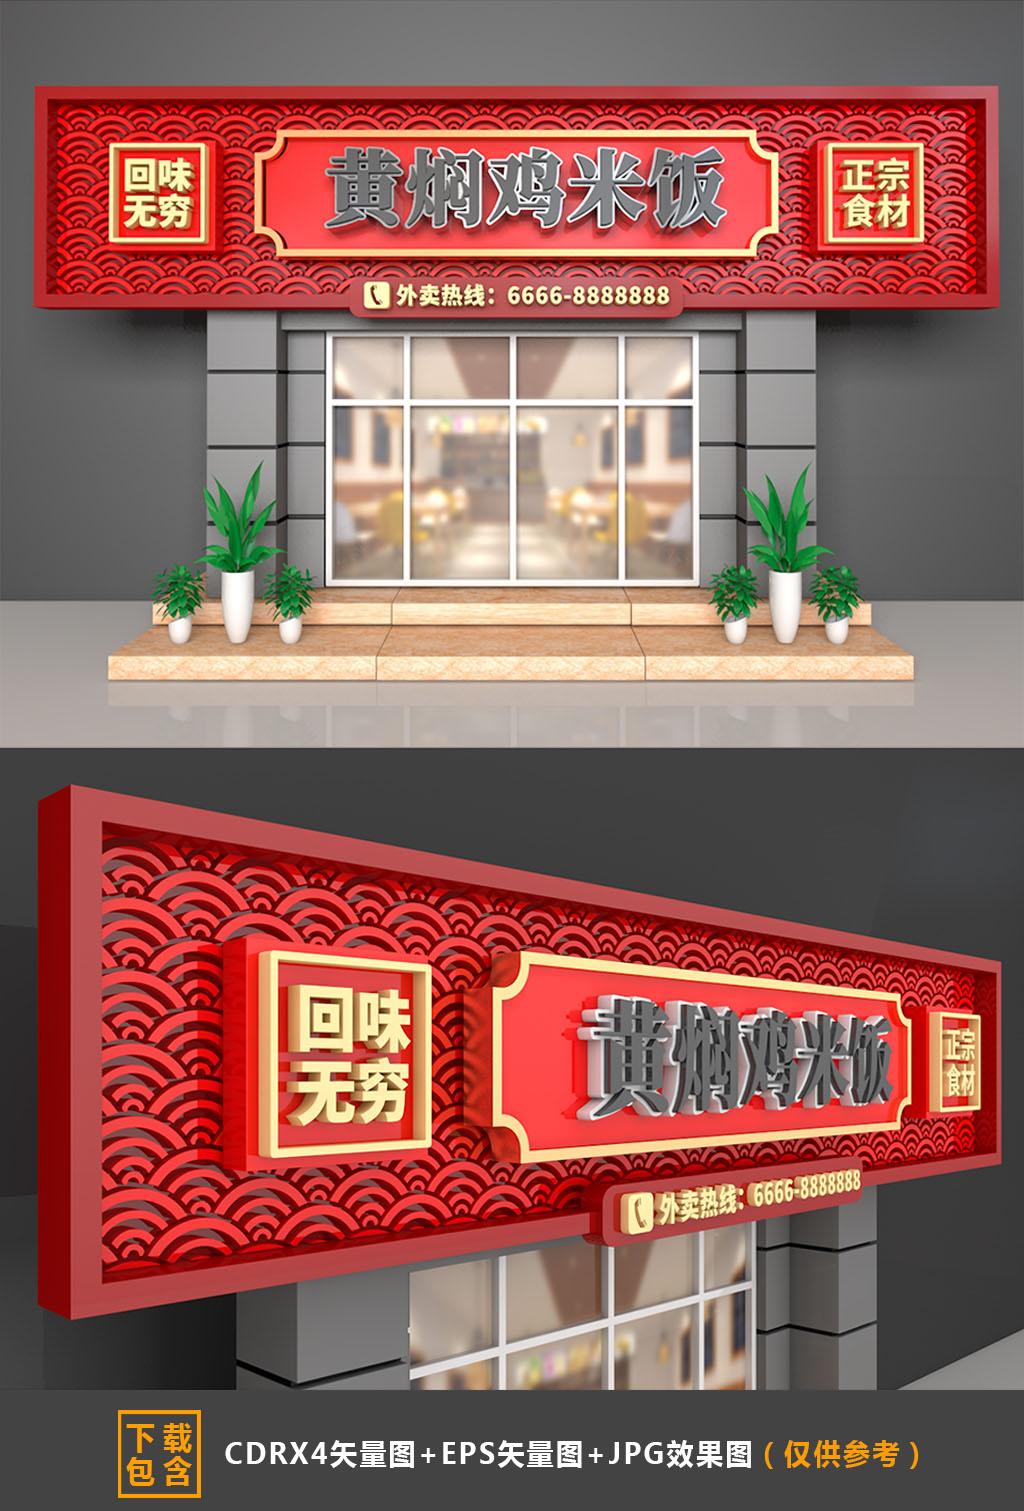 大型3D立体中式黄焖鸡米饭门头招牌设计源文件插图